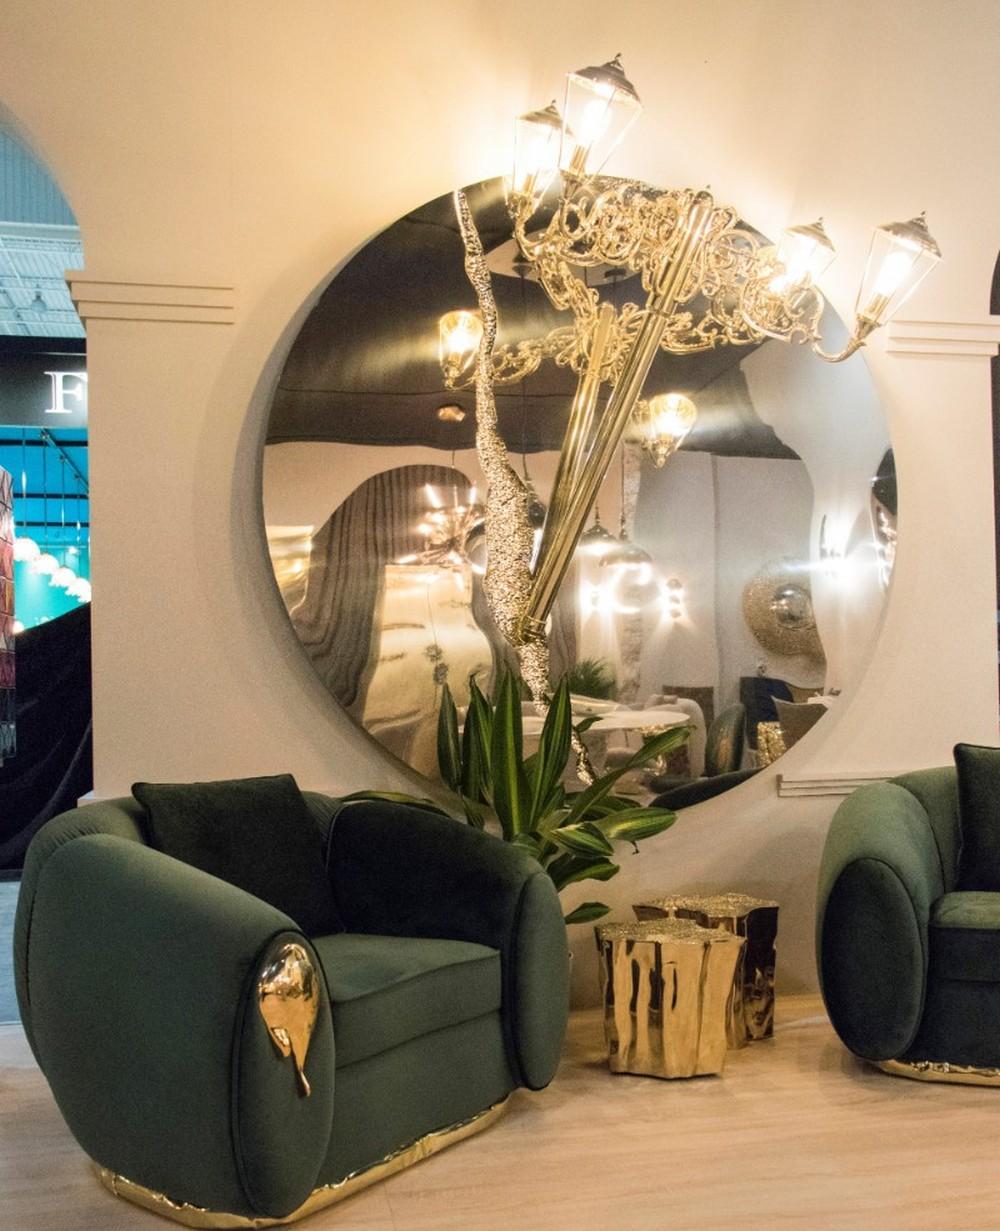 Top Luxury Design Brands To Vist During Salone Del Mobile Milano top luxury design brands Top Luxury Design Brands To Vist During Salone Del Mobile Milano Top Luxury Design Brands To Vist During Salone Del Mobile Milano